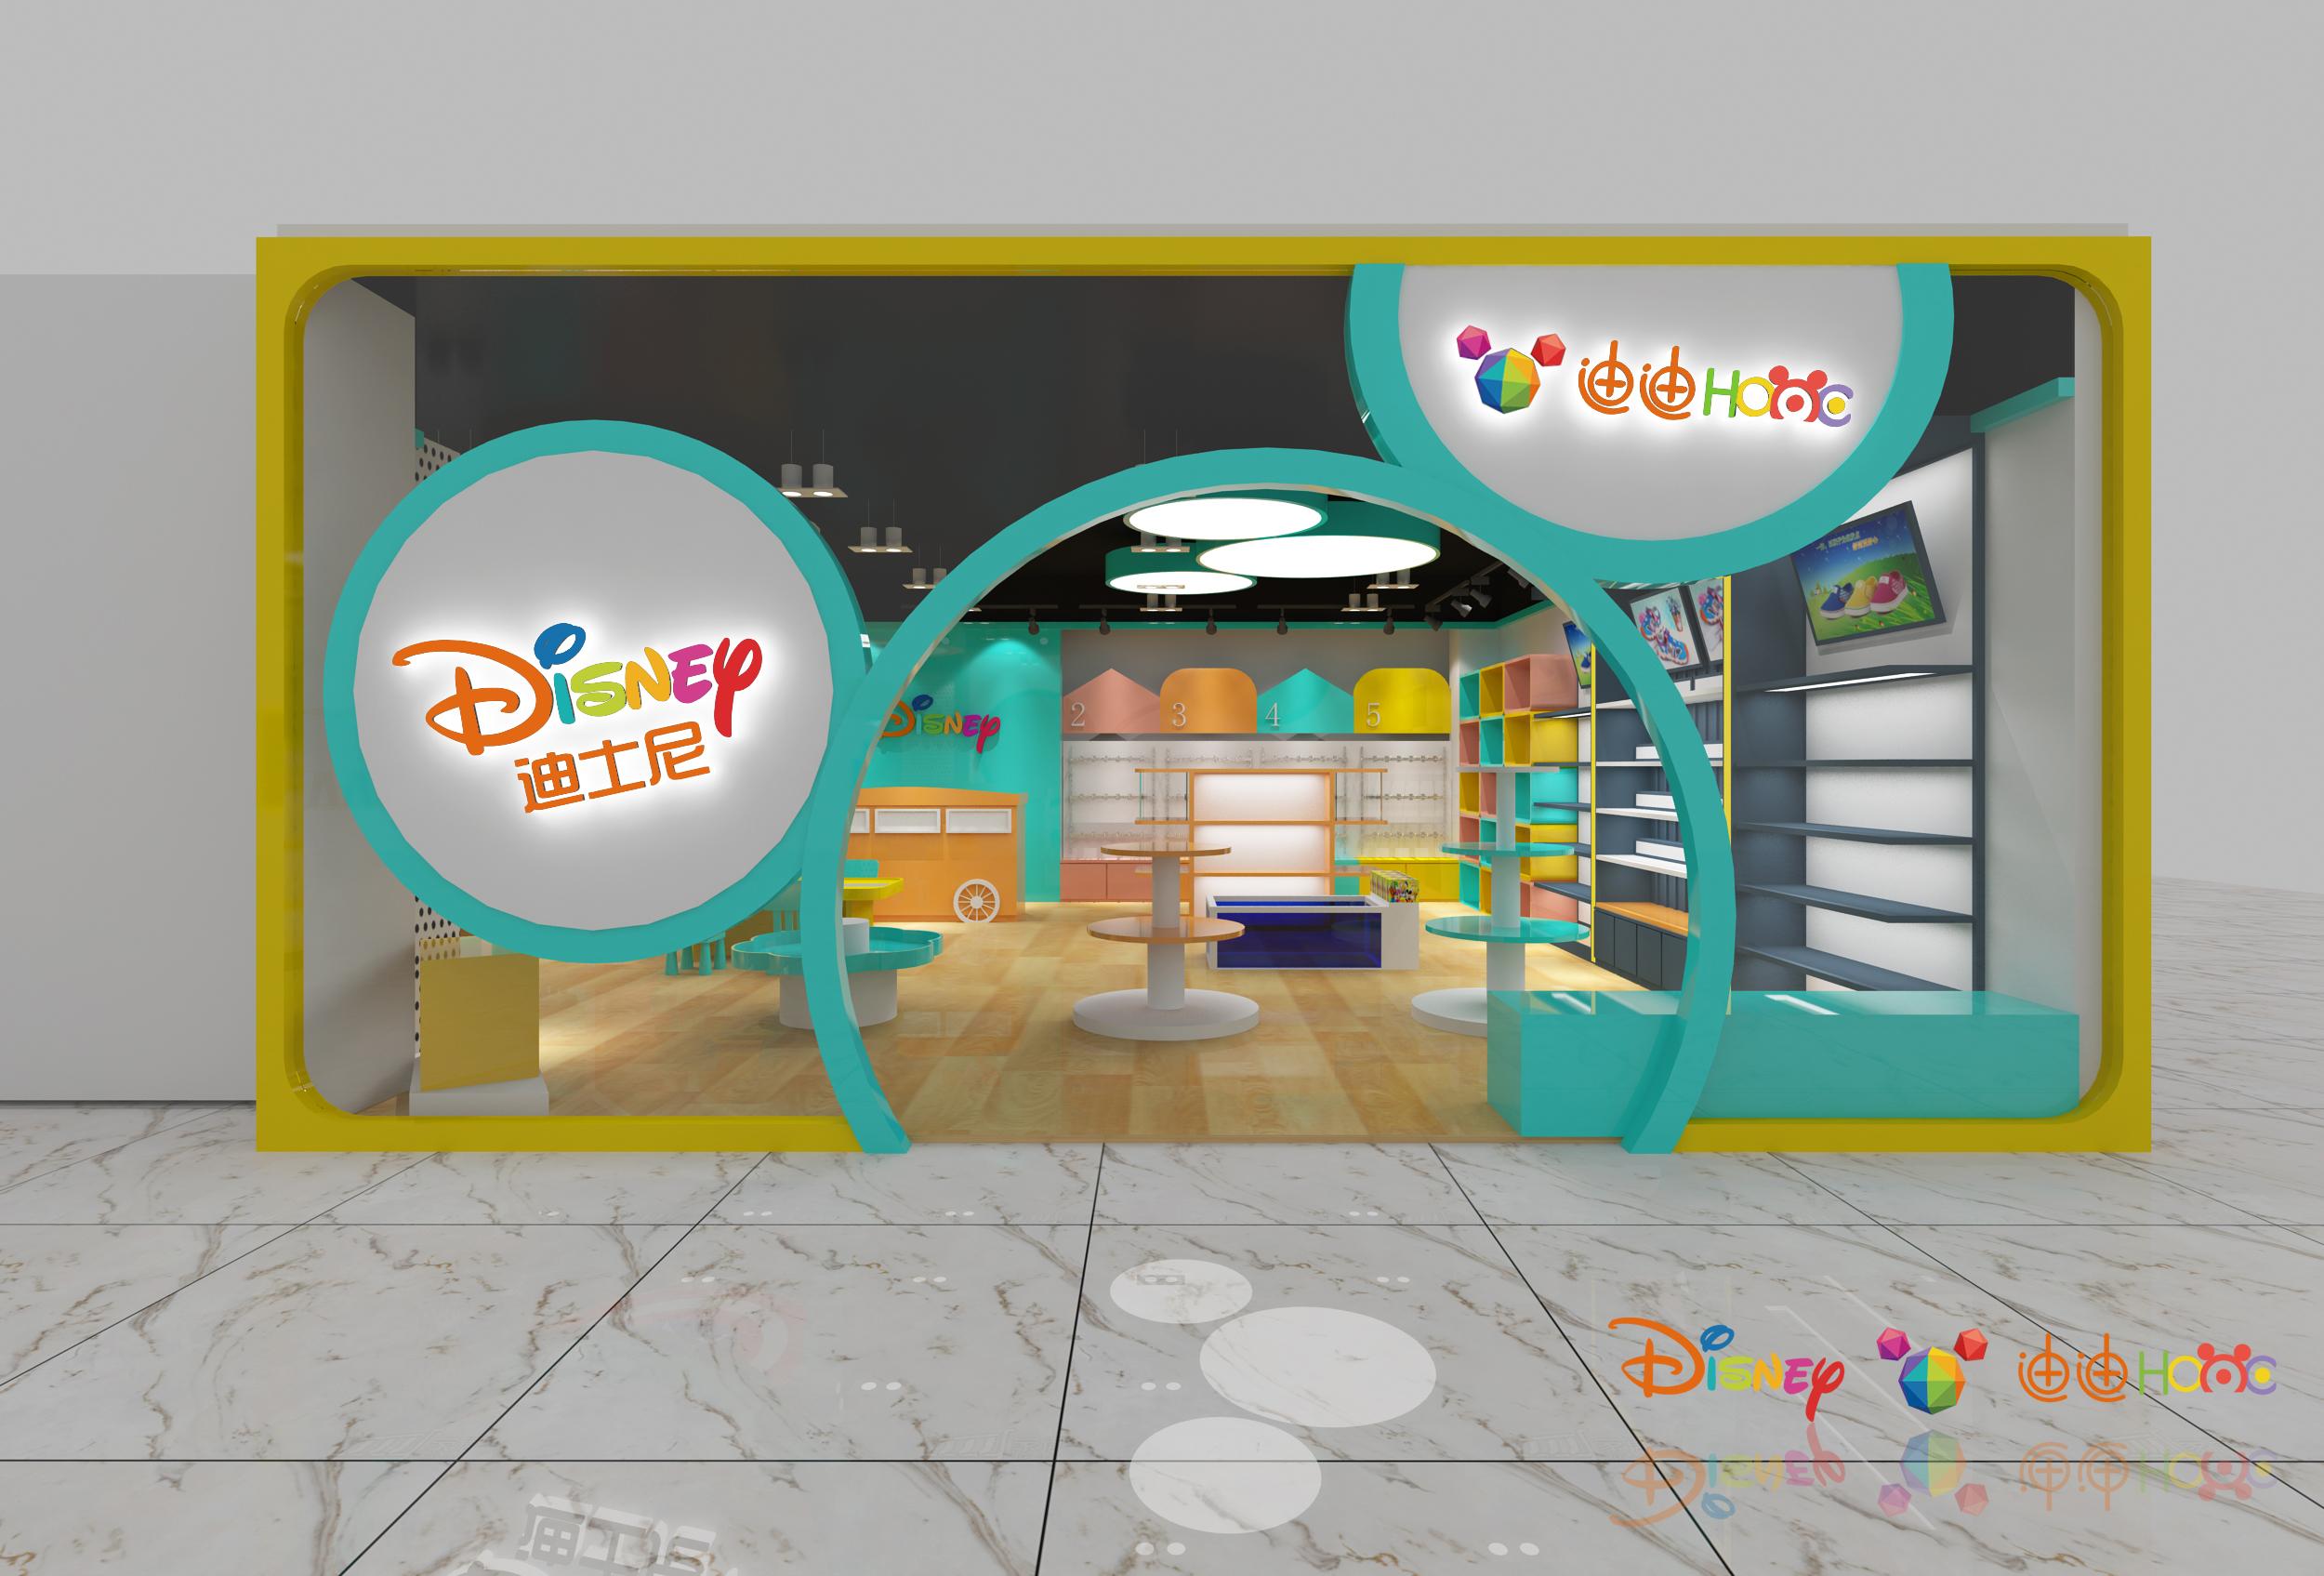 迪士尼儿童创意生活馆入驻邯郸,即将盛大开业!